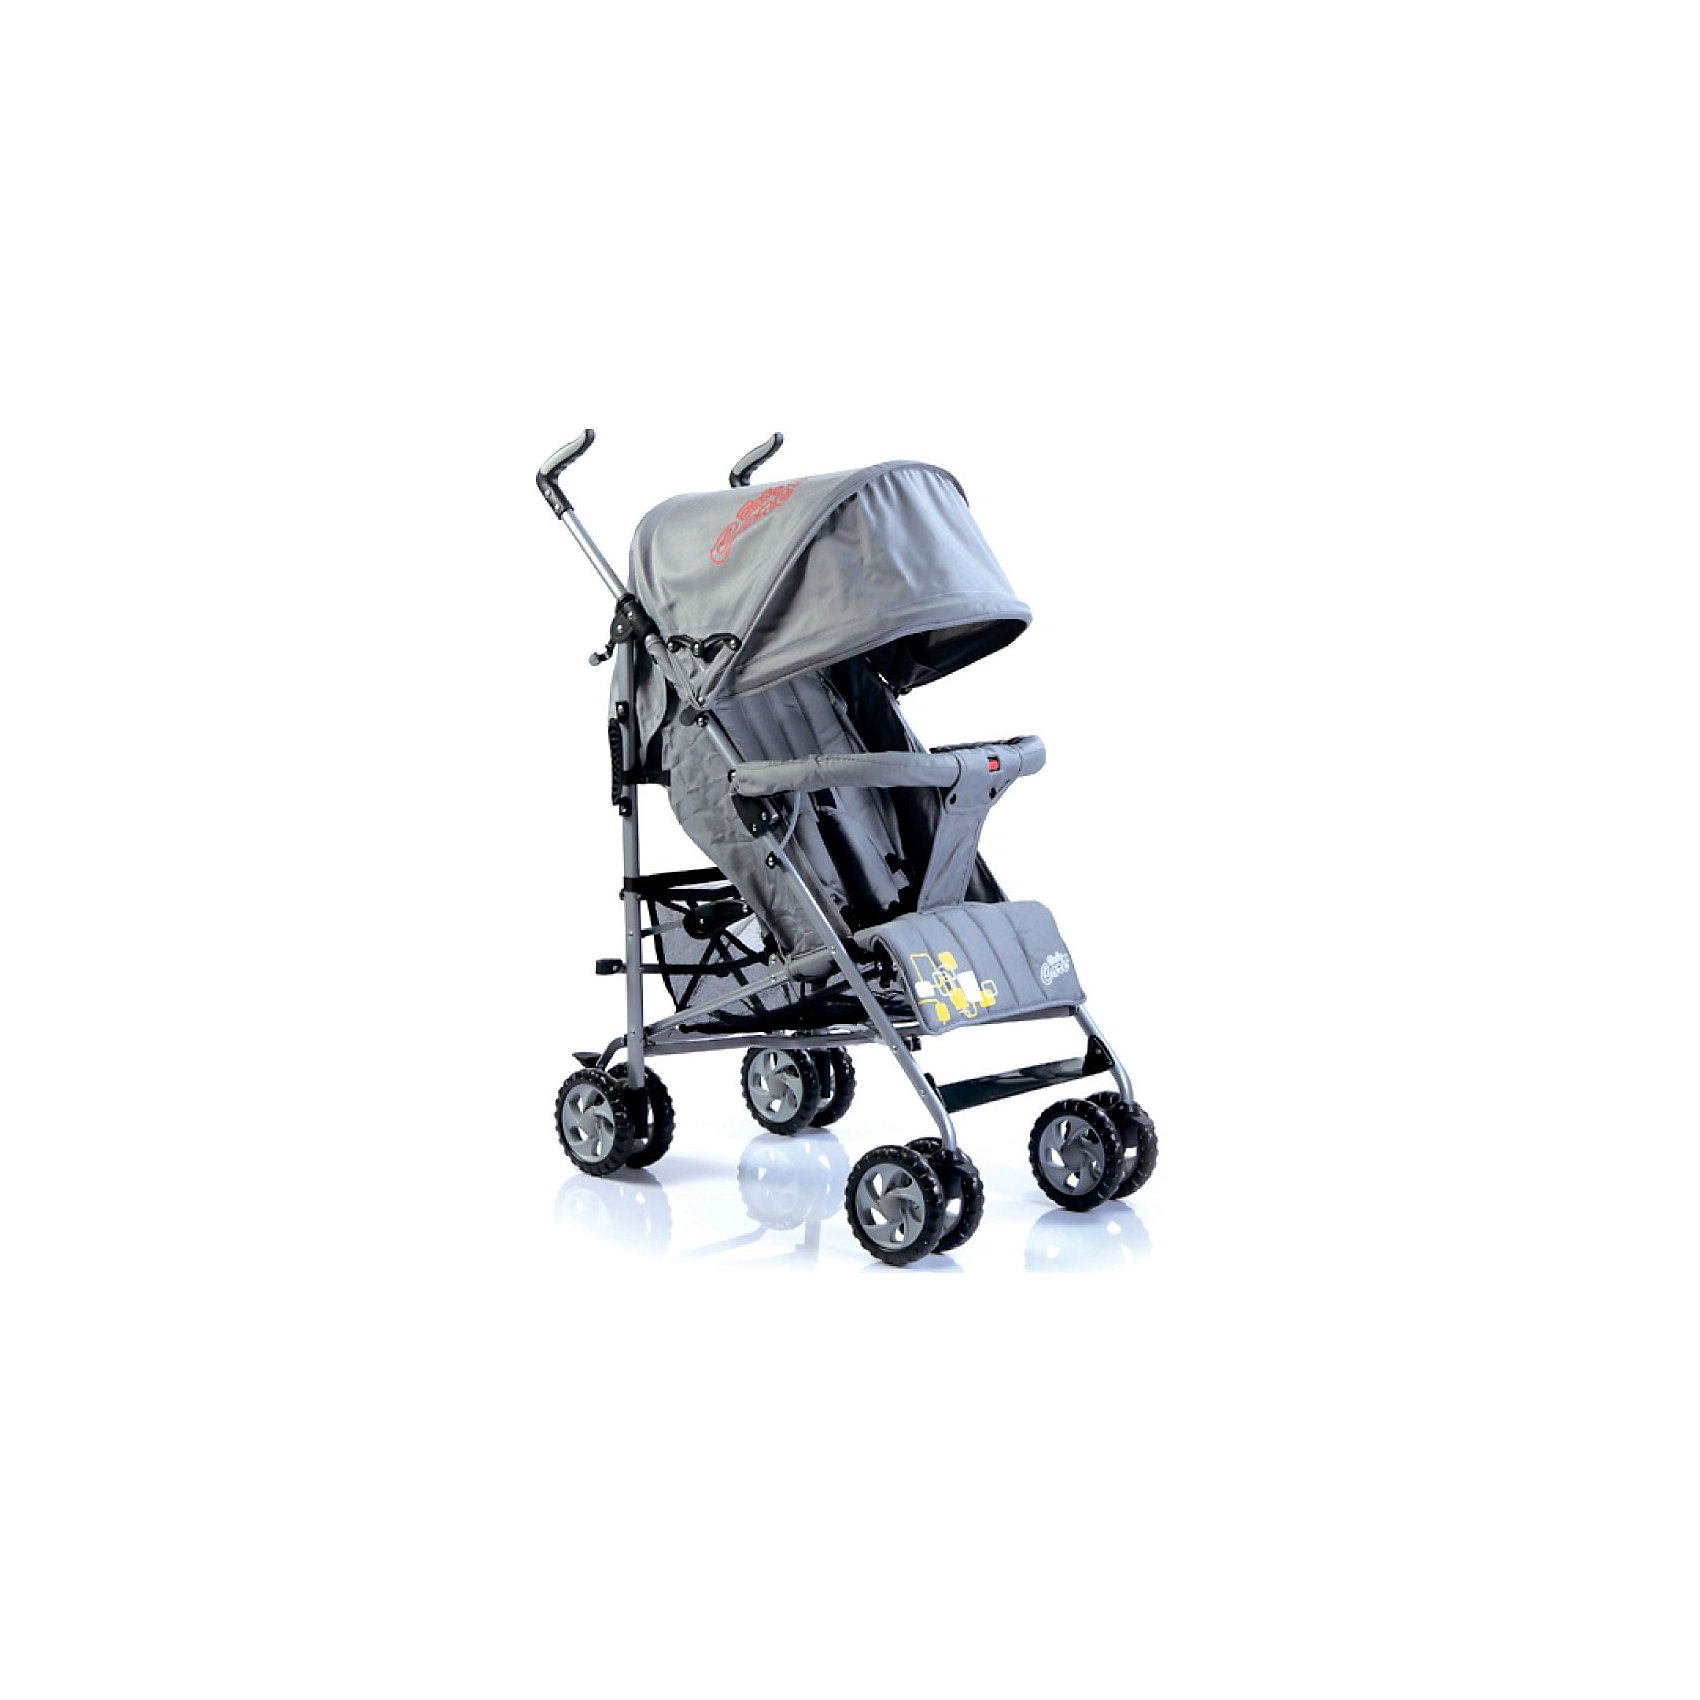 Коляска-трость CityStyle, Baby Care, серыйКоляска-трость Baby Care CityStyle  - легкая и маневренная прогулочная коляска. Благодаря продуманному дизайну коляска очень комфортна не только для ребенка но и для<br>мамы. Двойные плавающие передние колеса с фиксацией обеспечивают хорошую маневренность и проходимость по любой местности.<br><br>Коляска оснащена удобным сиденьем для малыша с 5-точечными ремнями безопасности и разъемным мягким бампером, спинка механически раскладывается в 5 положениях<br>вплоть до лежачего. Регулируемая подножка обеспечит дополнительный комфорт для малыша. В коляске имеется также просторная корзина для детских принадлежностей или<br>покупок и теплый чехол на ножки ребенка.<br><br>Коляска легко и компактно складывается, что позволяют использовать ее во время поездок и путешествий.<br><br>Особенности:<br><br>- удобна для транспортировки и хранения;<br> - регулируемая подножка обеспечит дополнительный комфорт для вашего малыша;<br>- жесткая спинка с плавно регулируемым наклоном (до 180 градусов);<br>- облегченная алюминиевая рама;<br>- двойные плавающие передние колеса с фиксацией;<br>- пять положений спинки вплоть до лежачего;<br>- корзина для вещей;<br>- чехол на ноги;<br>- разъемный мягкий бампер;<br>- легко и компактно складывается;<br><br>Дополнительная информация:<br><br>- Материал: ткань, аллюминий.<br>- Цвет: серый.<br> -Диаметр колес: 15 см<br>- Ширина колесной базы: 47 см.<br>- Длина спального места: 78 см.<br>- Ширина сидения: 34 см.<br>- Длина сидения: 19 см<br>- Ширина прогулочного места: 32 см.<br>- Длина прогулочного места: 34 см.<br>- Размеры в разложенном виде: 50 х 68 х 105 см<br>- Размеры в упаковке: 100,5 х 20 х 27 см.<br>- Вес: 6,2 кг. (с упаковкой 7,5 кг.)<br><br>Коляску-трость CityStyle от Baby Care можно купить в нашем интернет-магазине.<br><br>Ширина мм: 1070<br>Глубина мм: 350<br>Высота мм: 300<br>Вес г: 7400<br>Цвет: серый<br>Возраст от месяцев: 6<br>Возраст до месяцев: 48<br>Пол: Унисекс<br>Возраст: Детский<br>SKU: 3